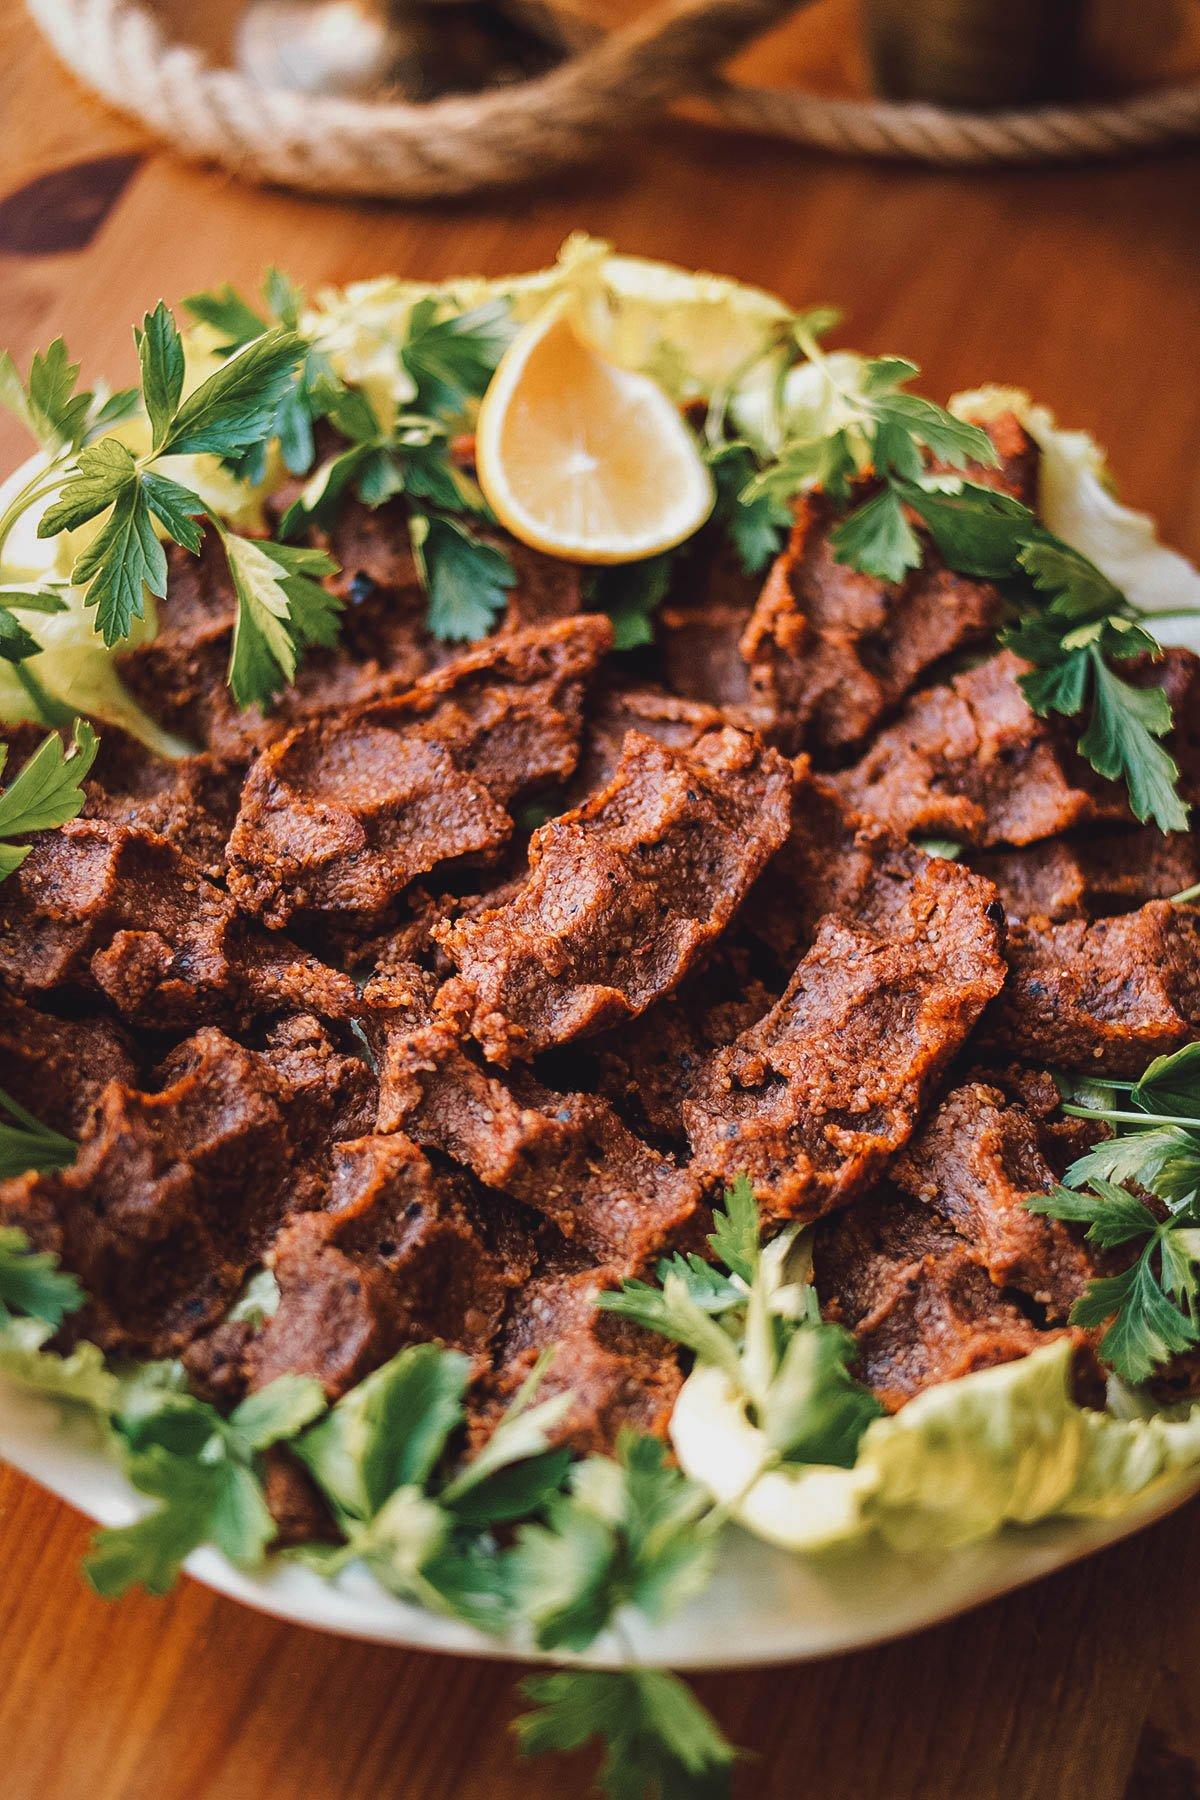 Plate of chikofte